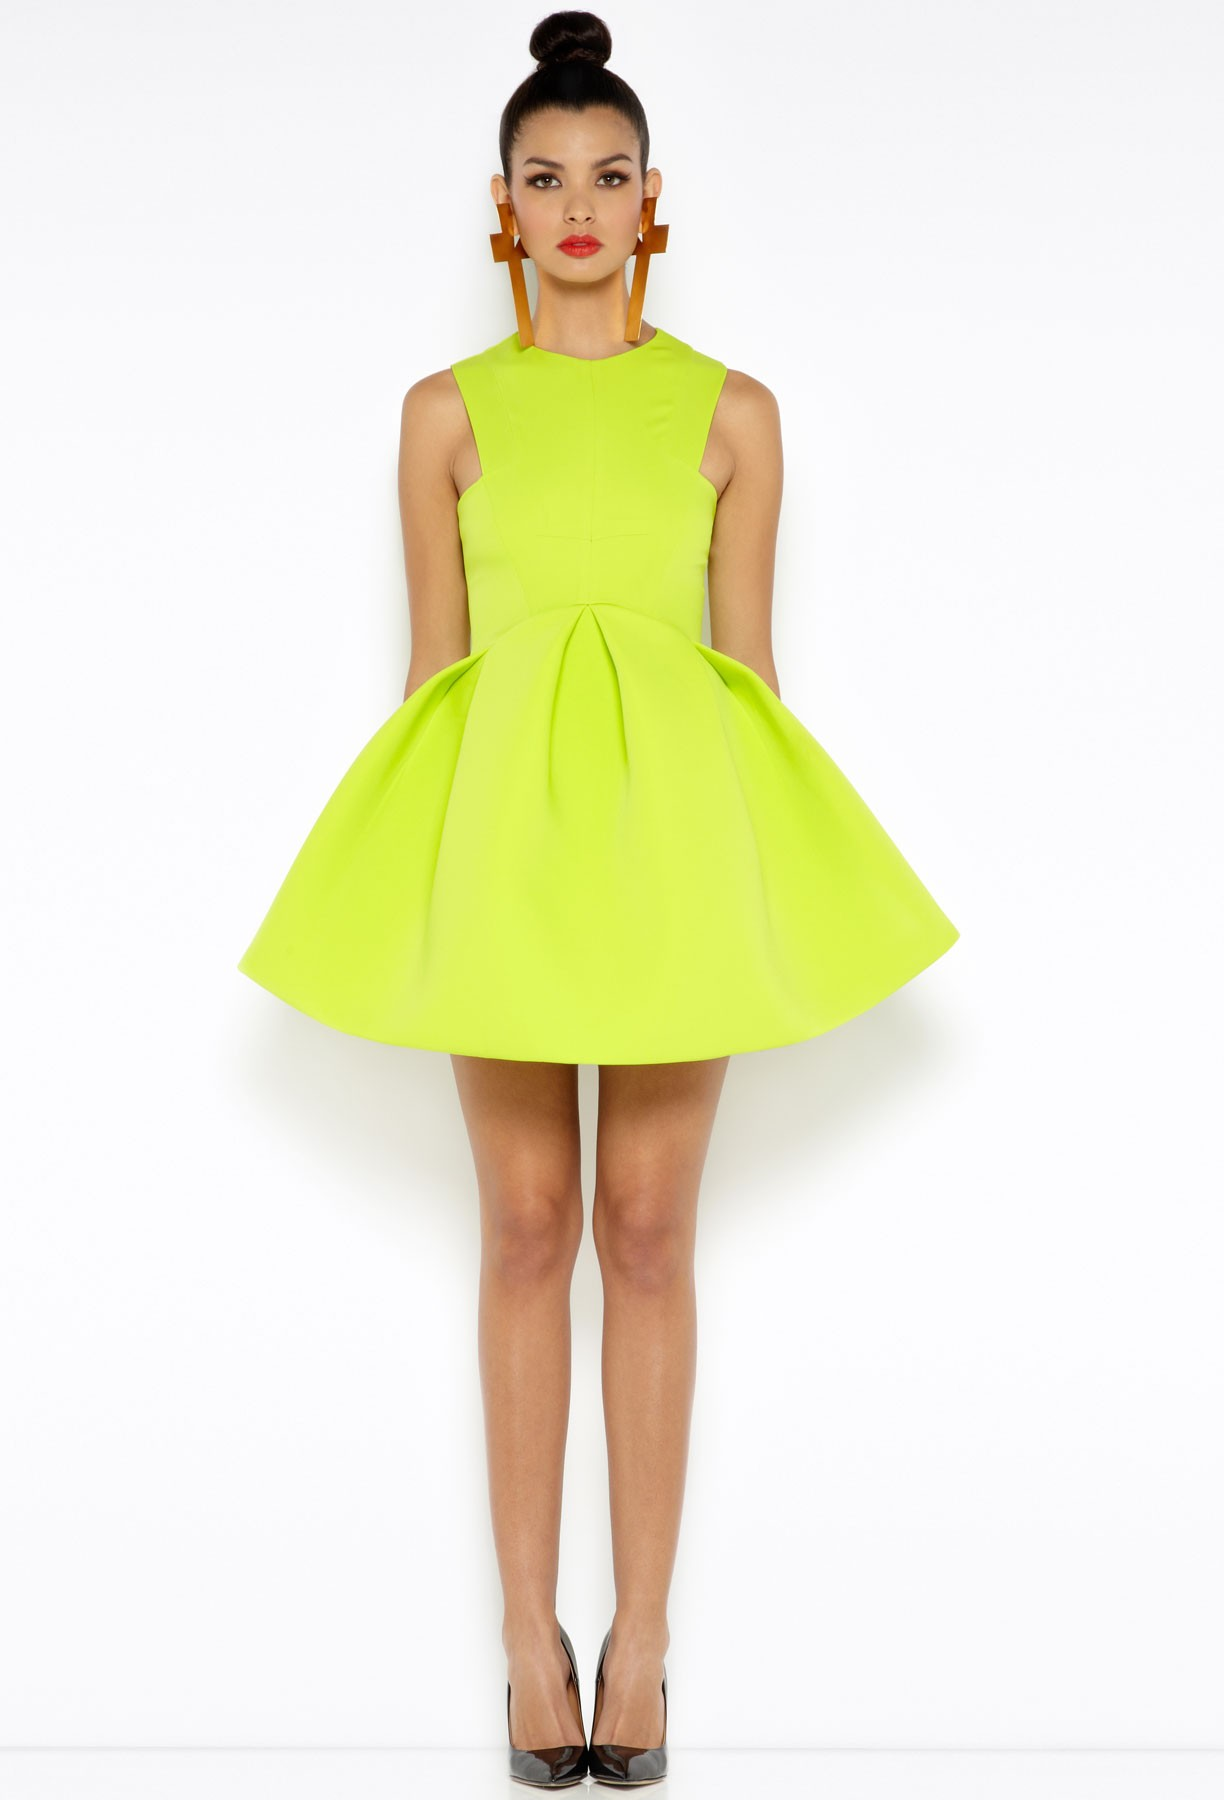 Sommerkleid mit breitem Rock Neongelb